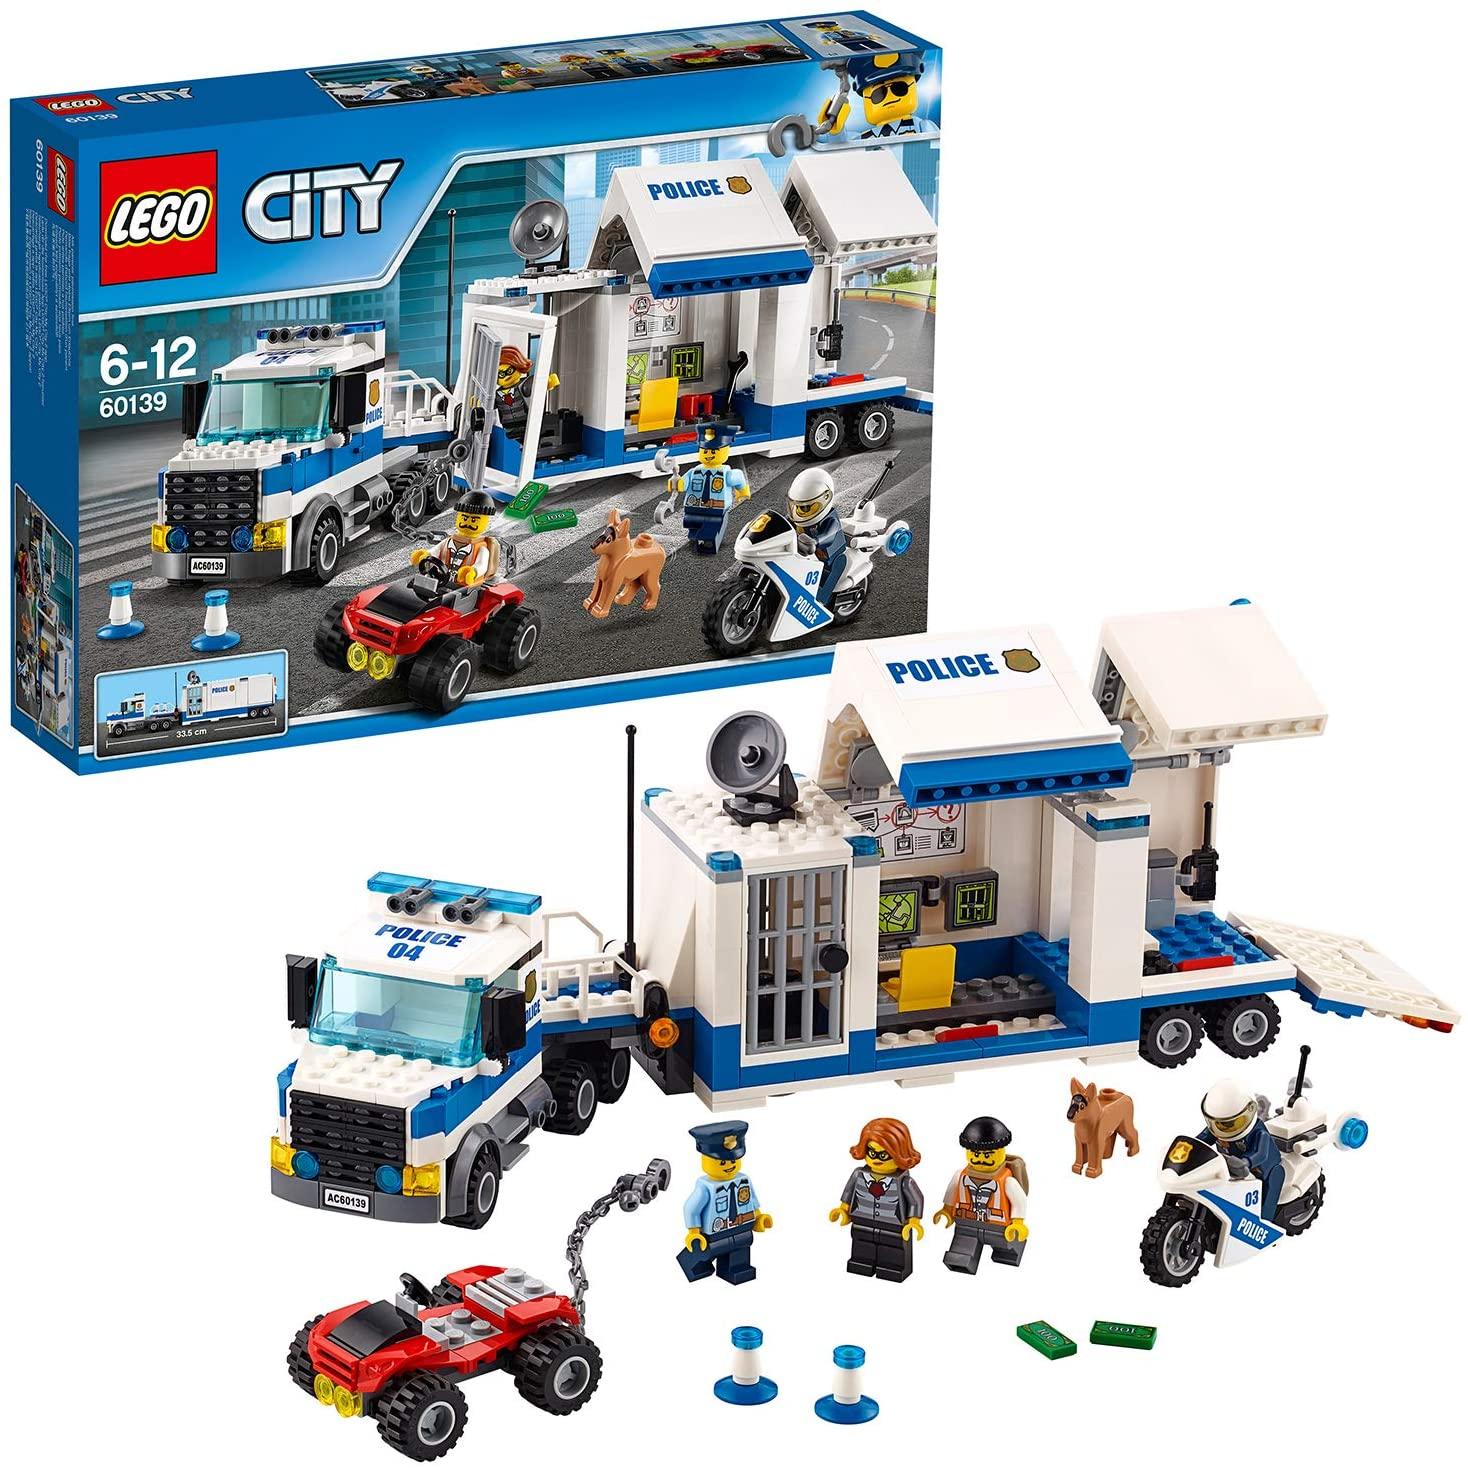 Jouet Lego City - Mobile Command Center 60139 (via 7€ sur la carte de fidélité)